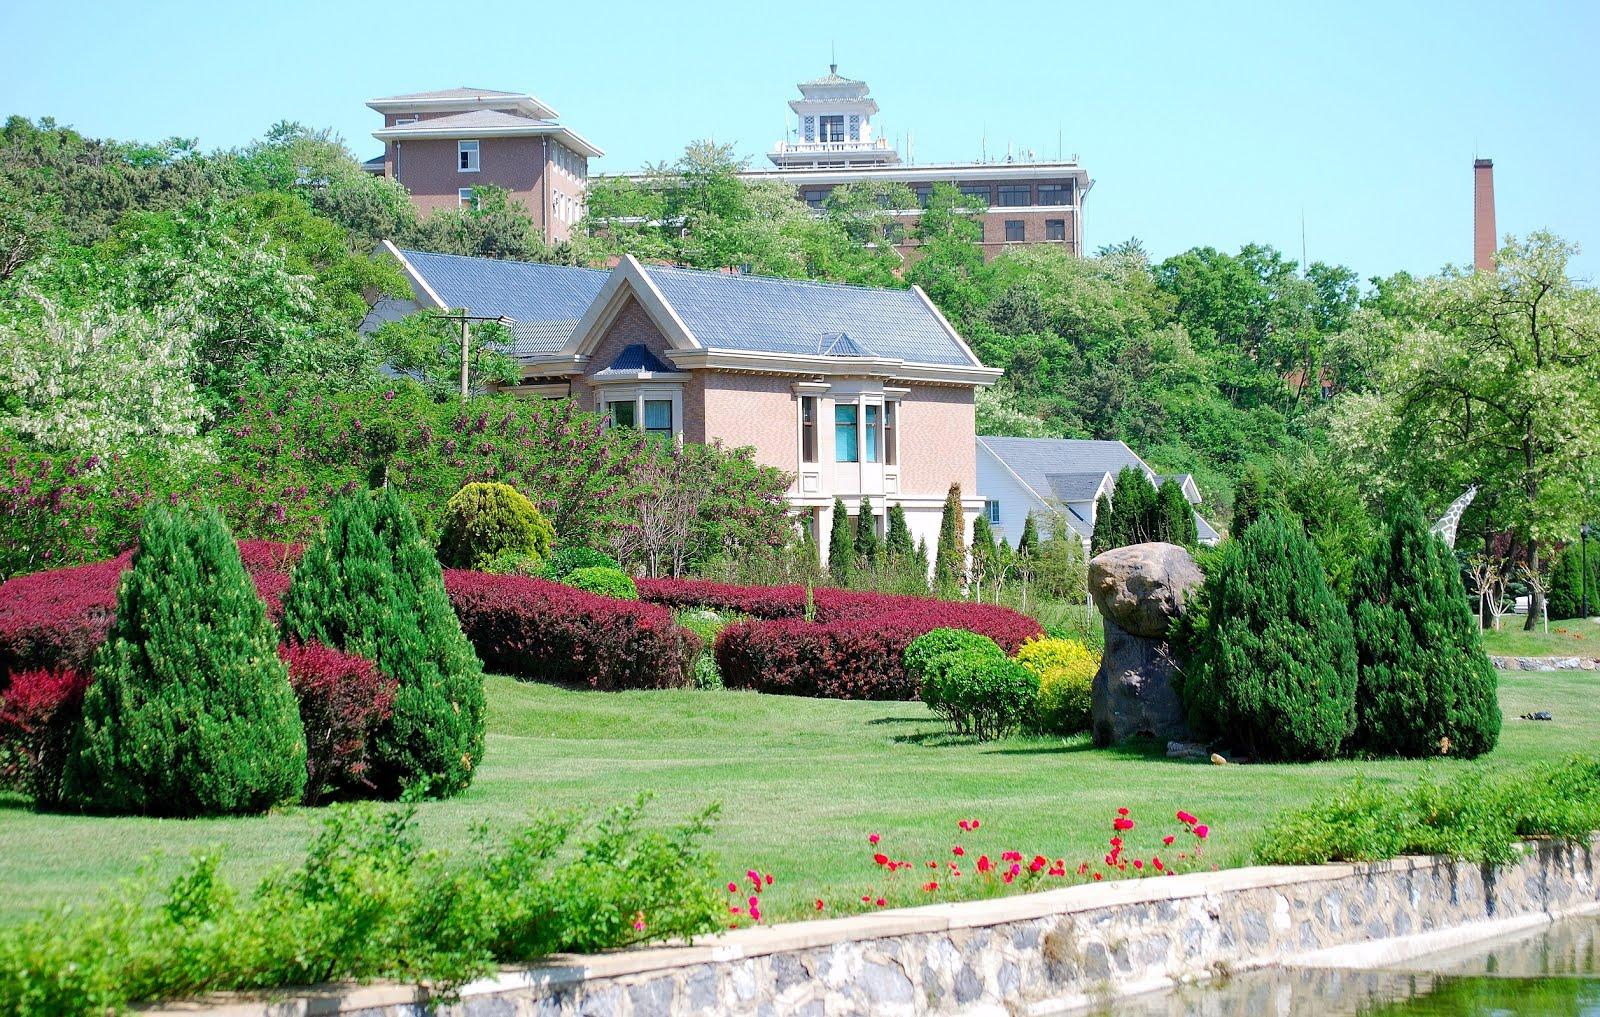 October 2012 october 2012 banco de imagenes gratuitas - Casas con jardines bonitos ...